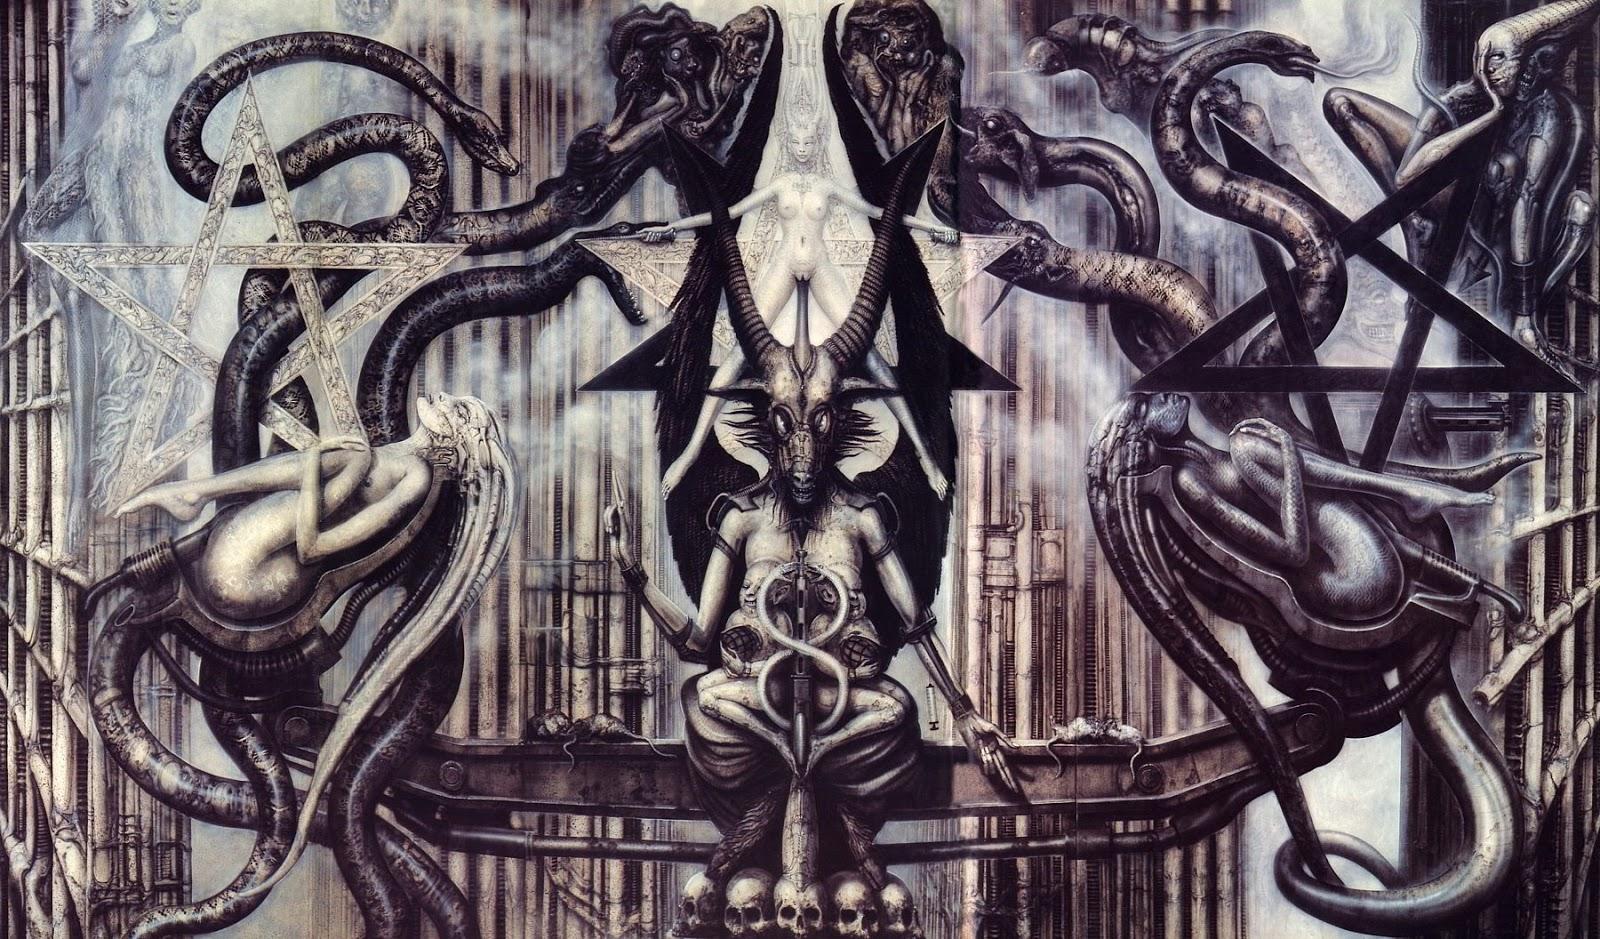 Baphomet de H. R. Giger Pentagrama Invertido Bode Maçonaria Significado do bode da maçonaria